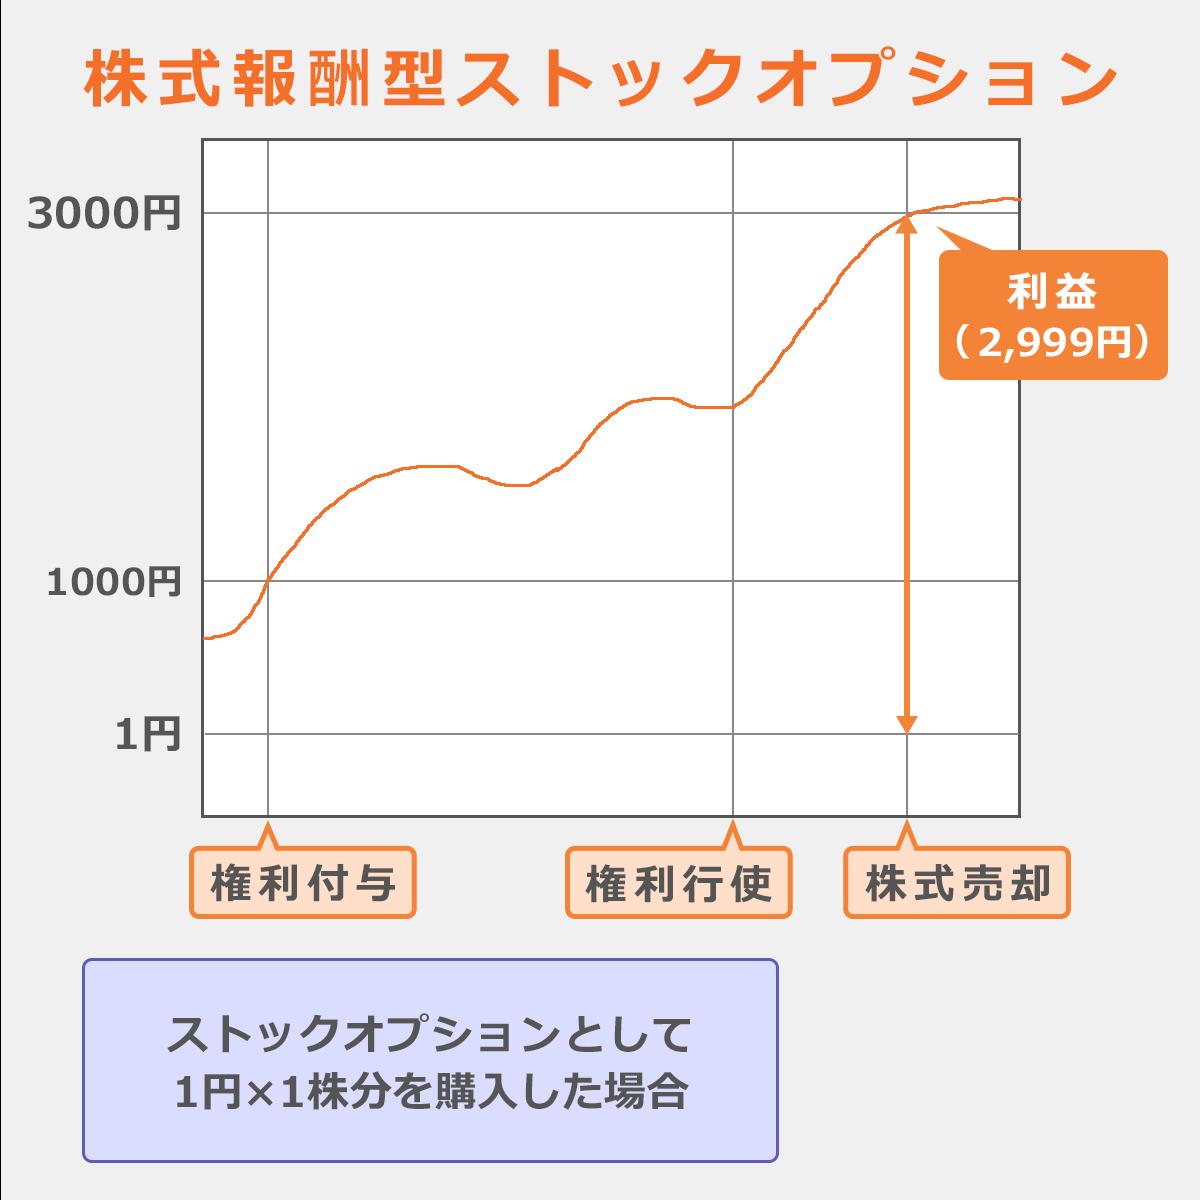 「株式報酬型ストックオプション」参考例:権利付与時一株1円で購入。株式売却時一株3000円まで上昇した場合、2999円の利益。